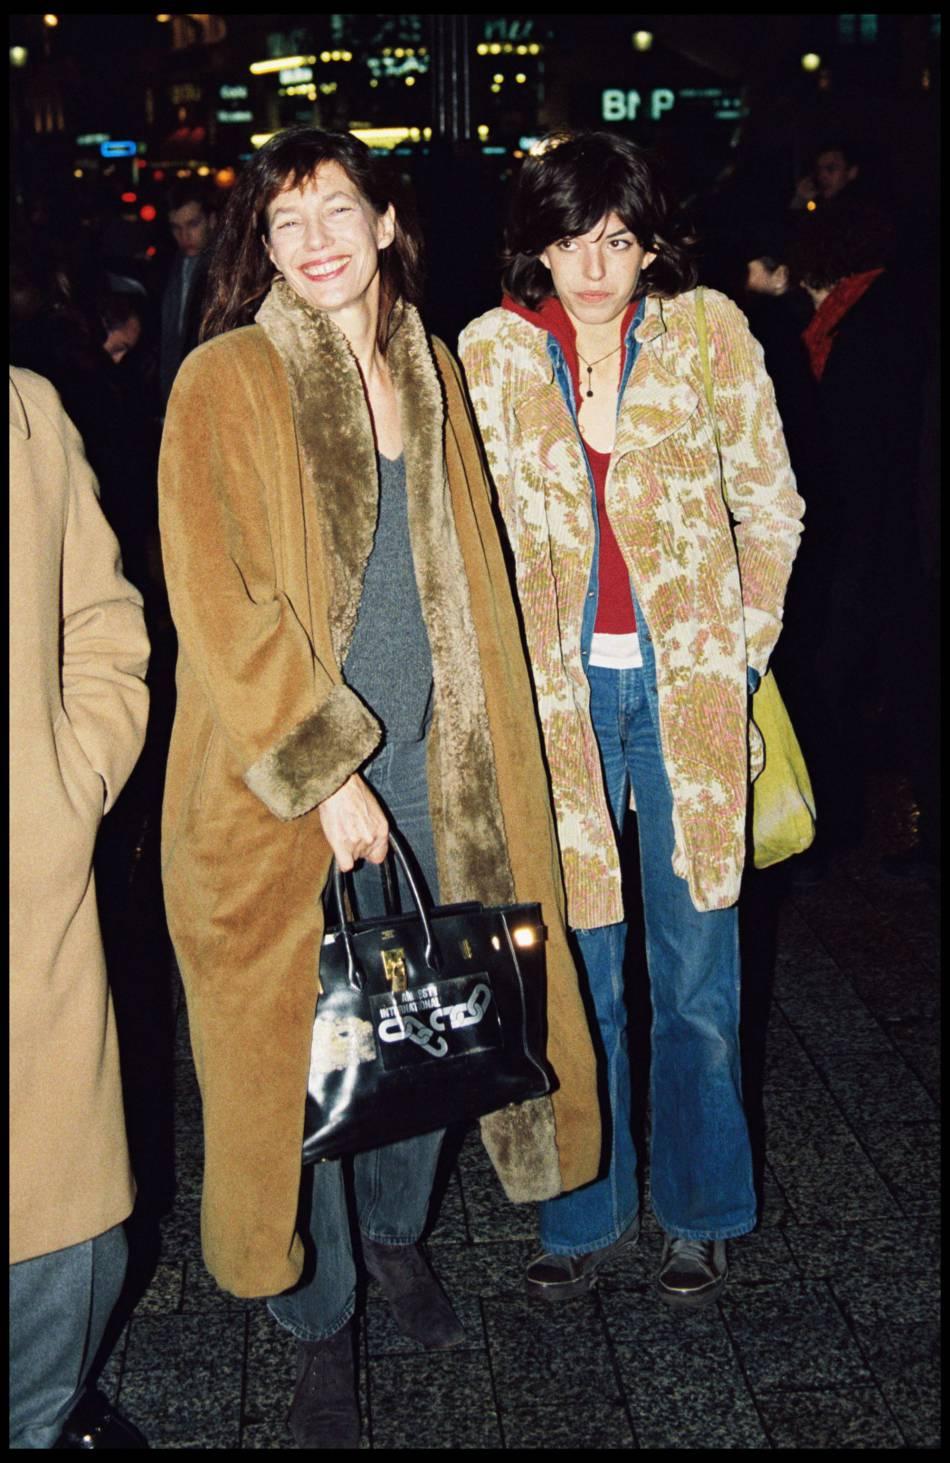 Jane Birkin En Duo Avec Mickey 3D Je M'appelle Jane